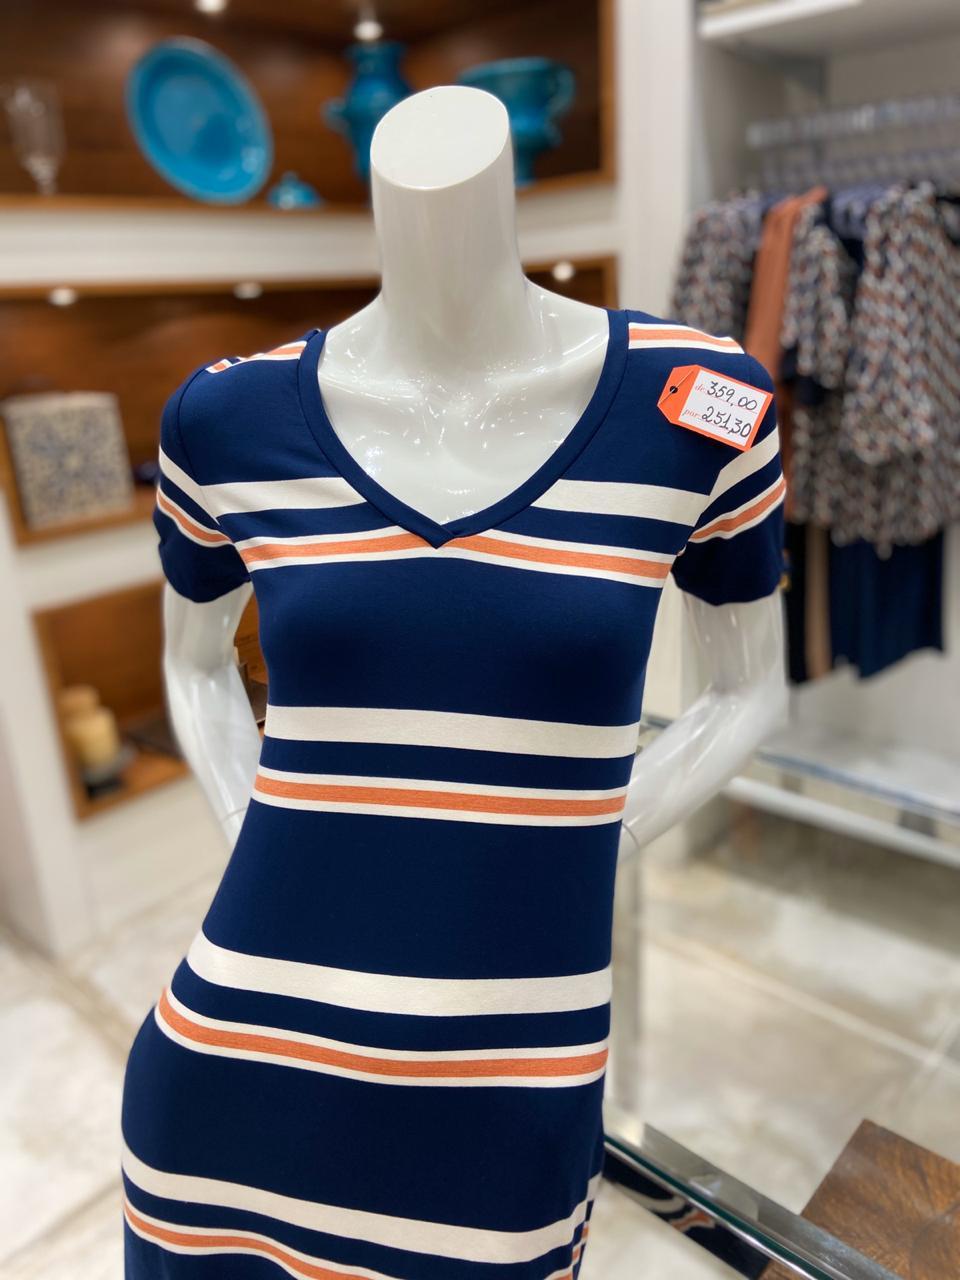 Vestido listrado (Stroke - Shopping Barra) de R$ 359 por R$ 251,3 (30%)